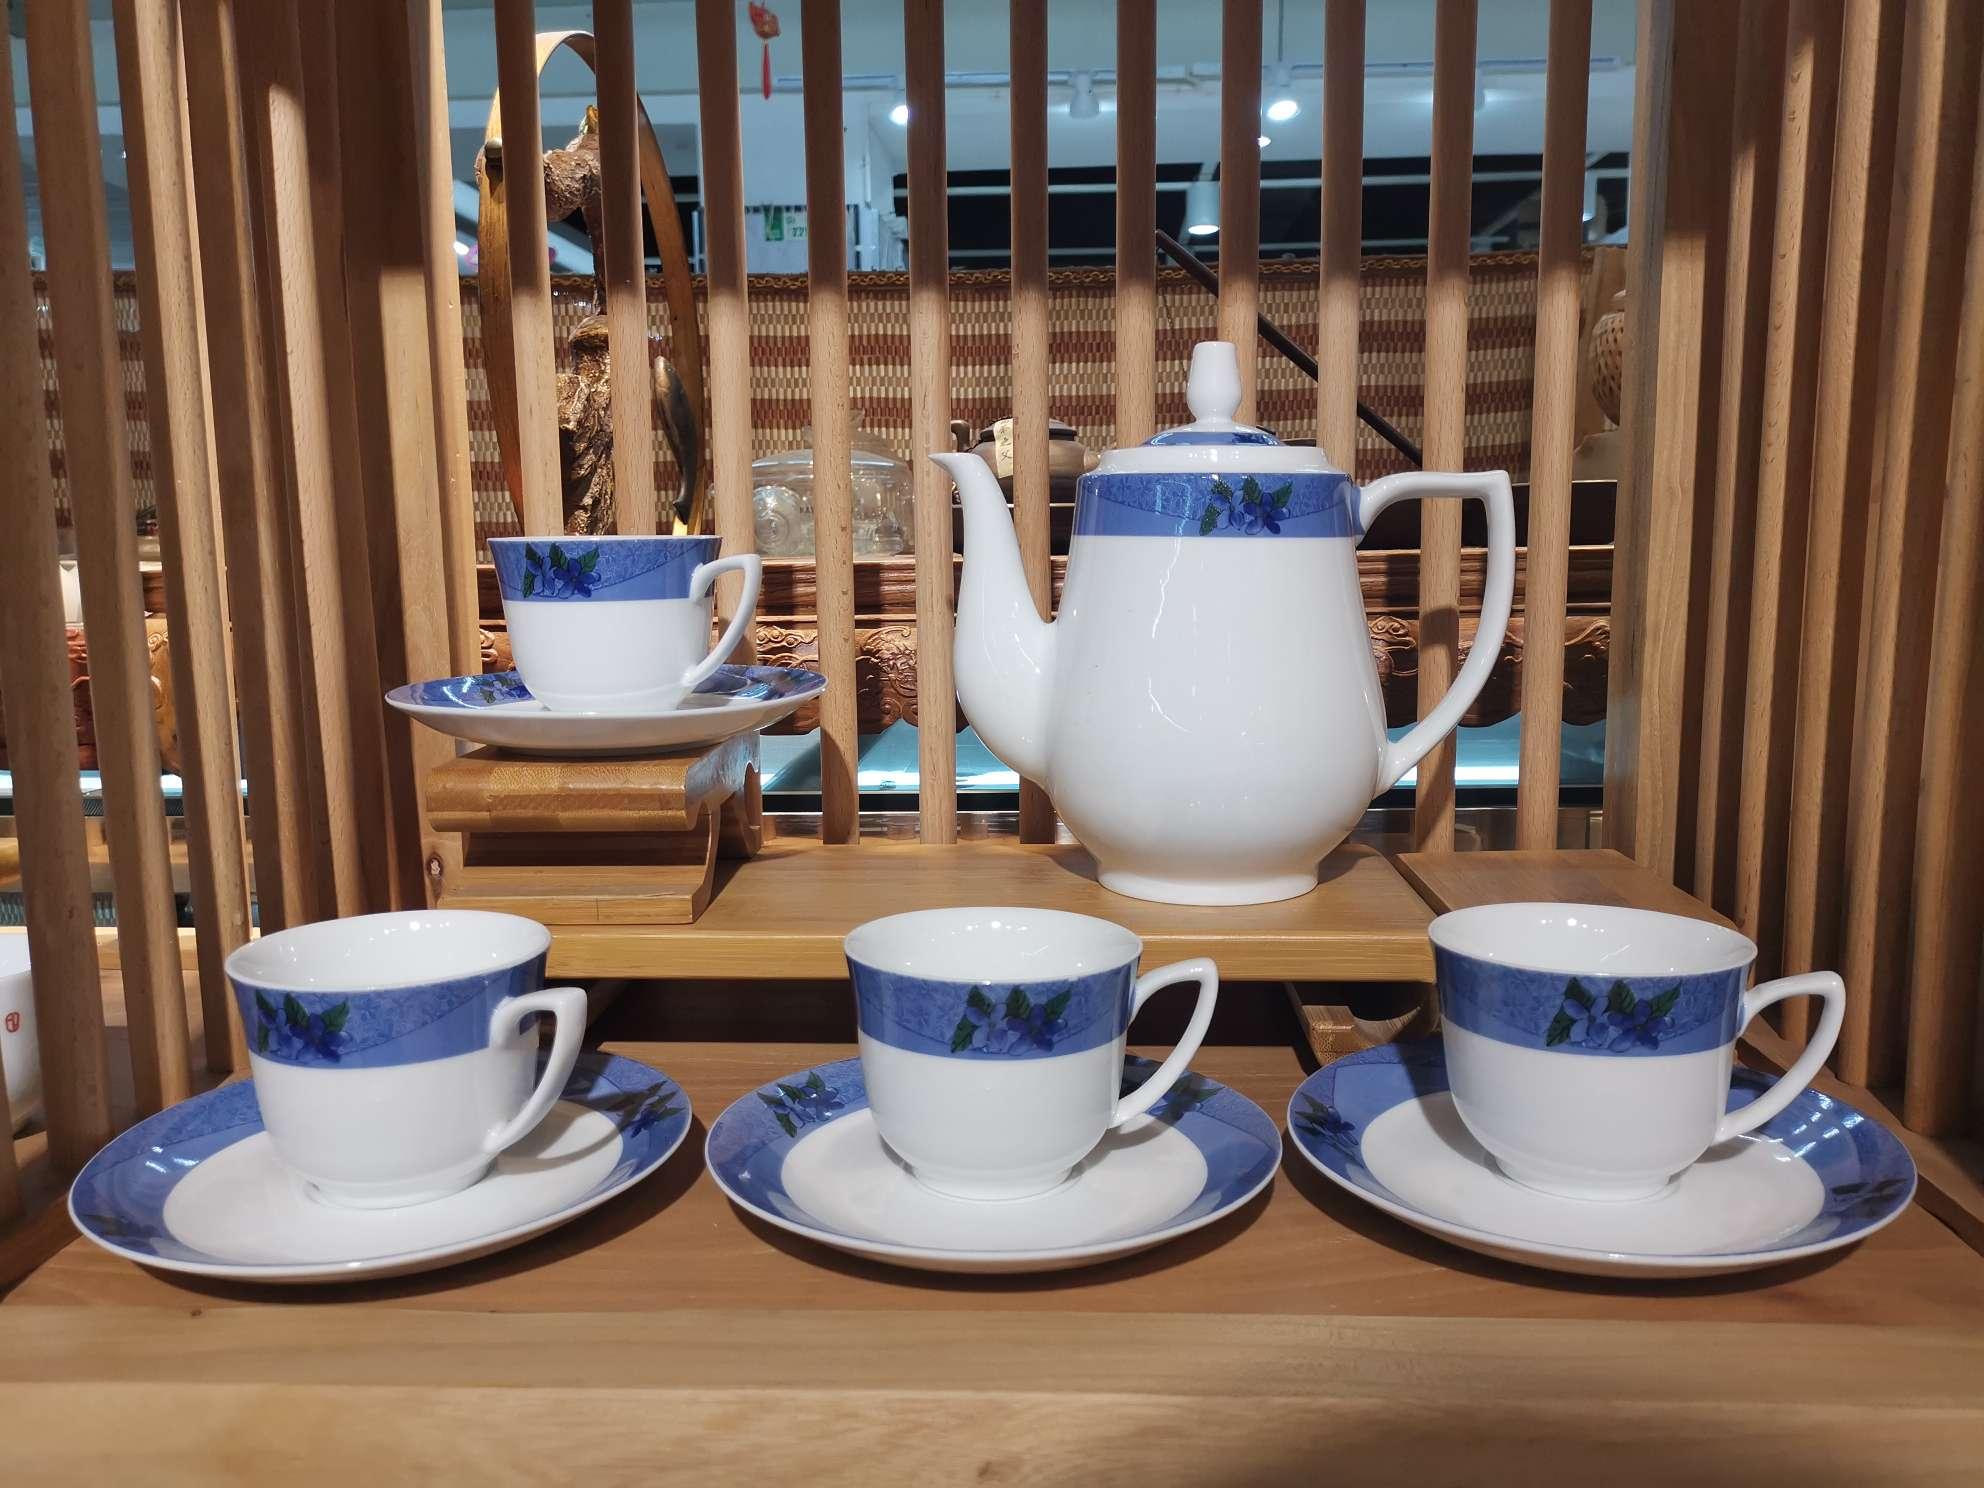 茶壶酒壶家用壶青瓷